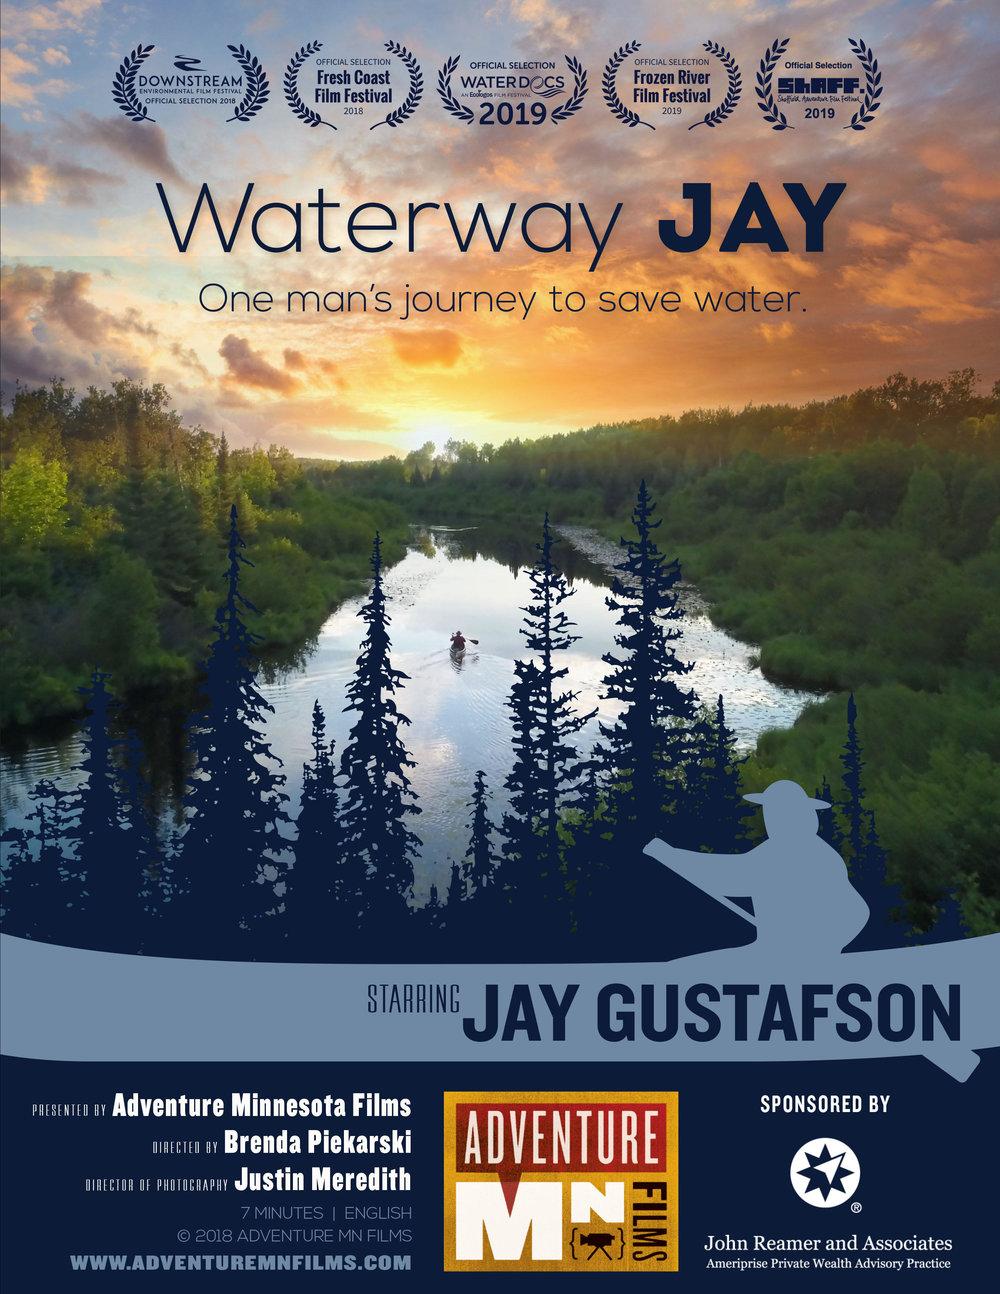 Waterway Jay Poster with WD laurels.jpg